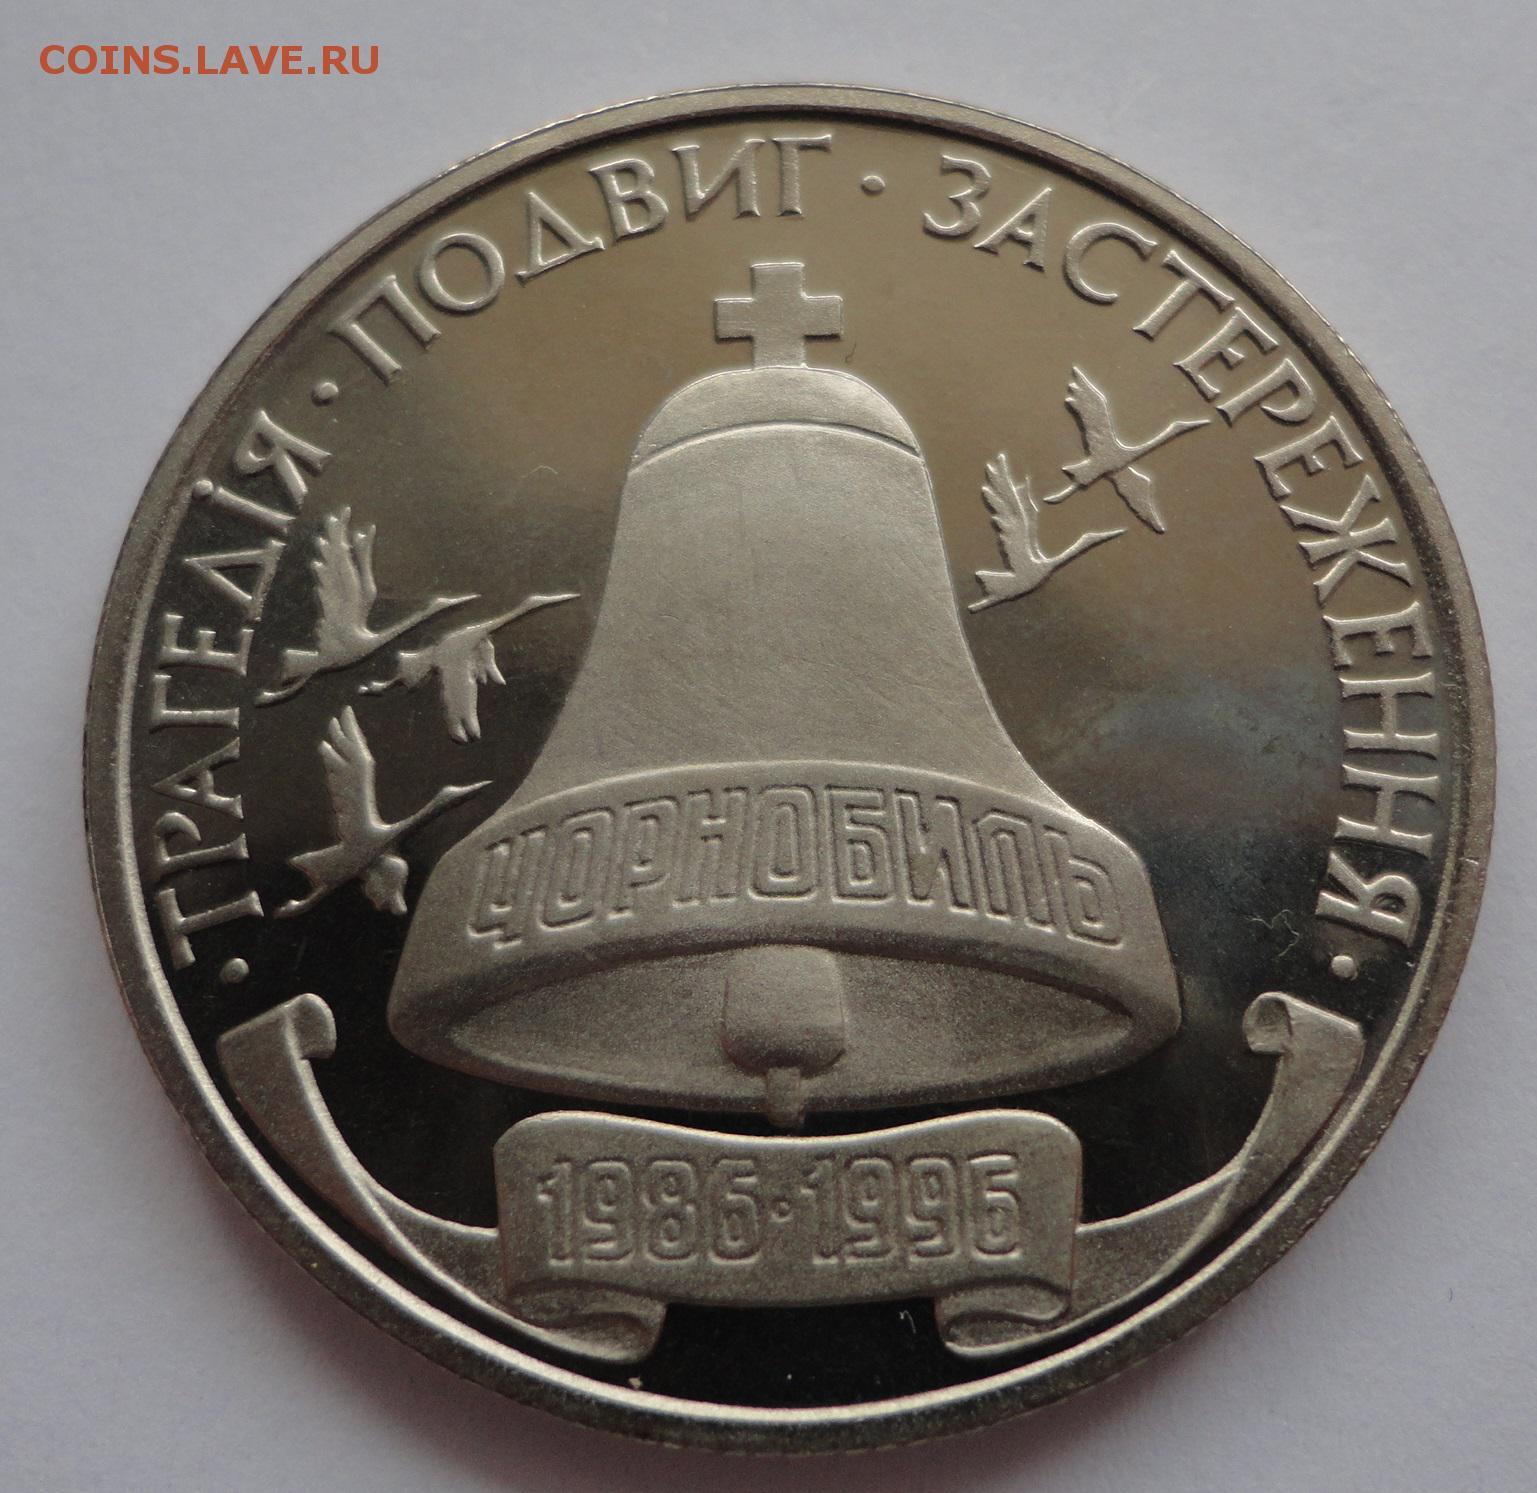 Украина 200000 карбованцев 1996 года чернобыль золотая монета георгий победоносец цена в сбербанке